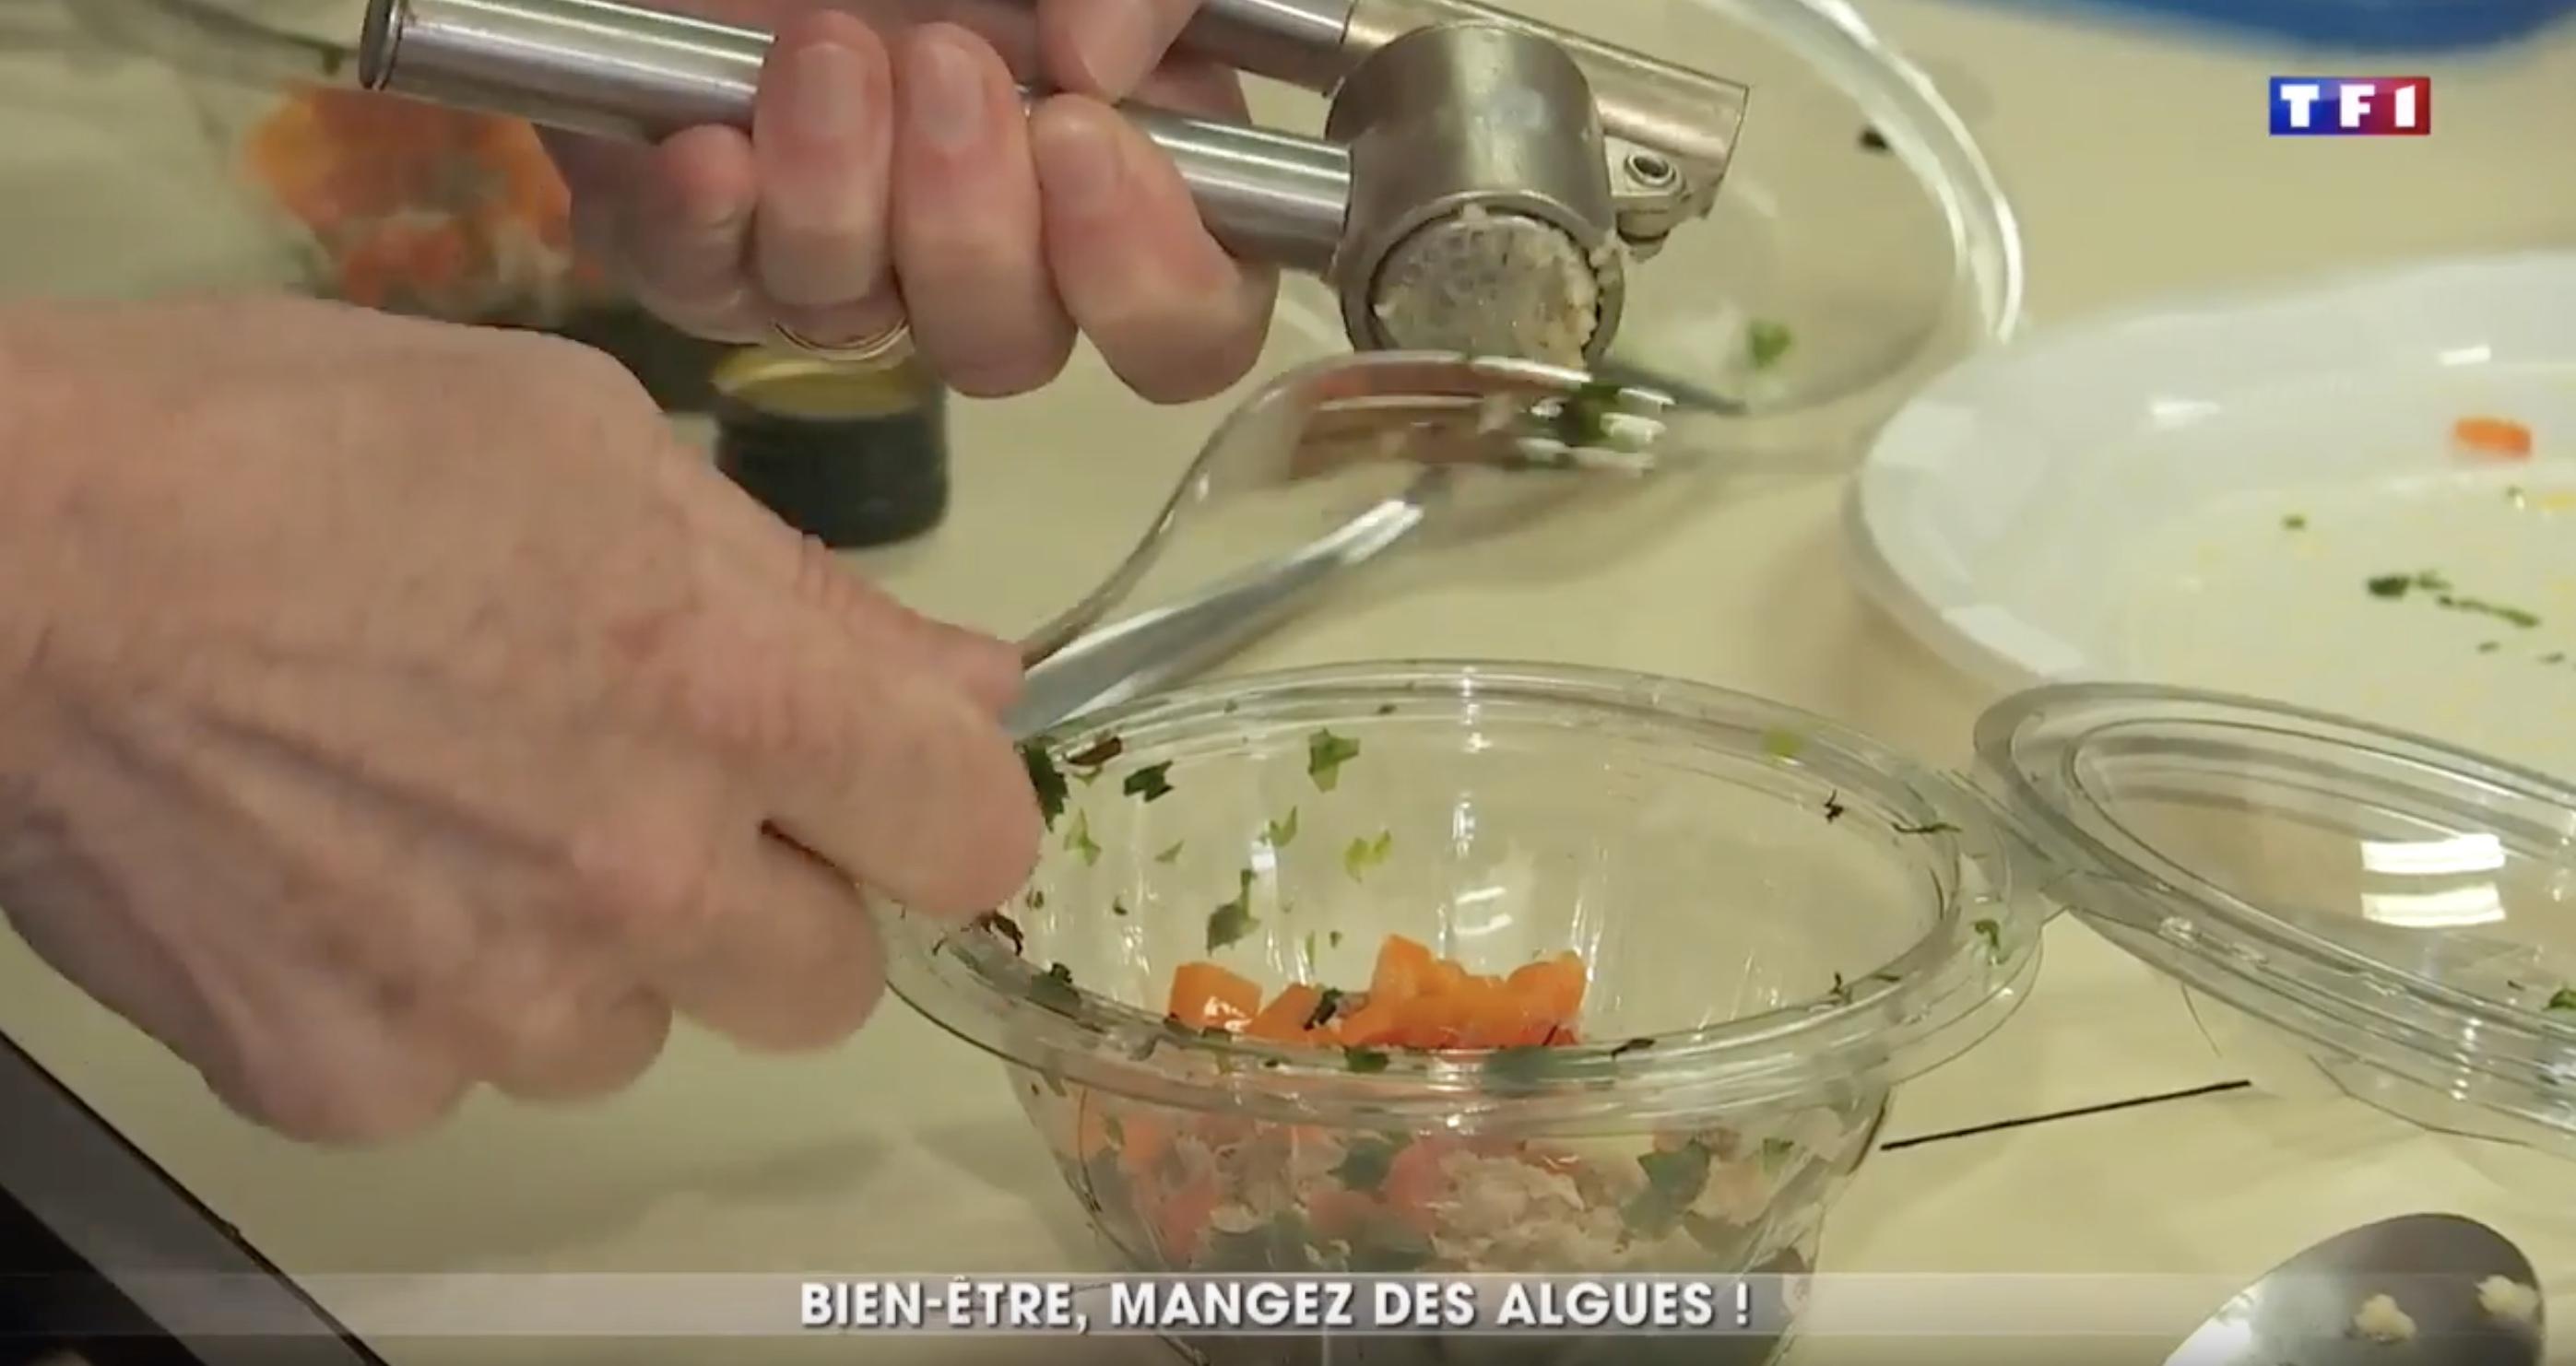 Atelier de cuisine aux algues sur TF1